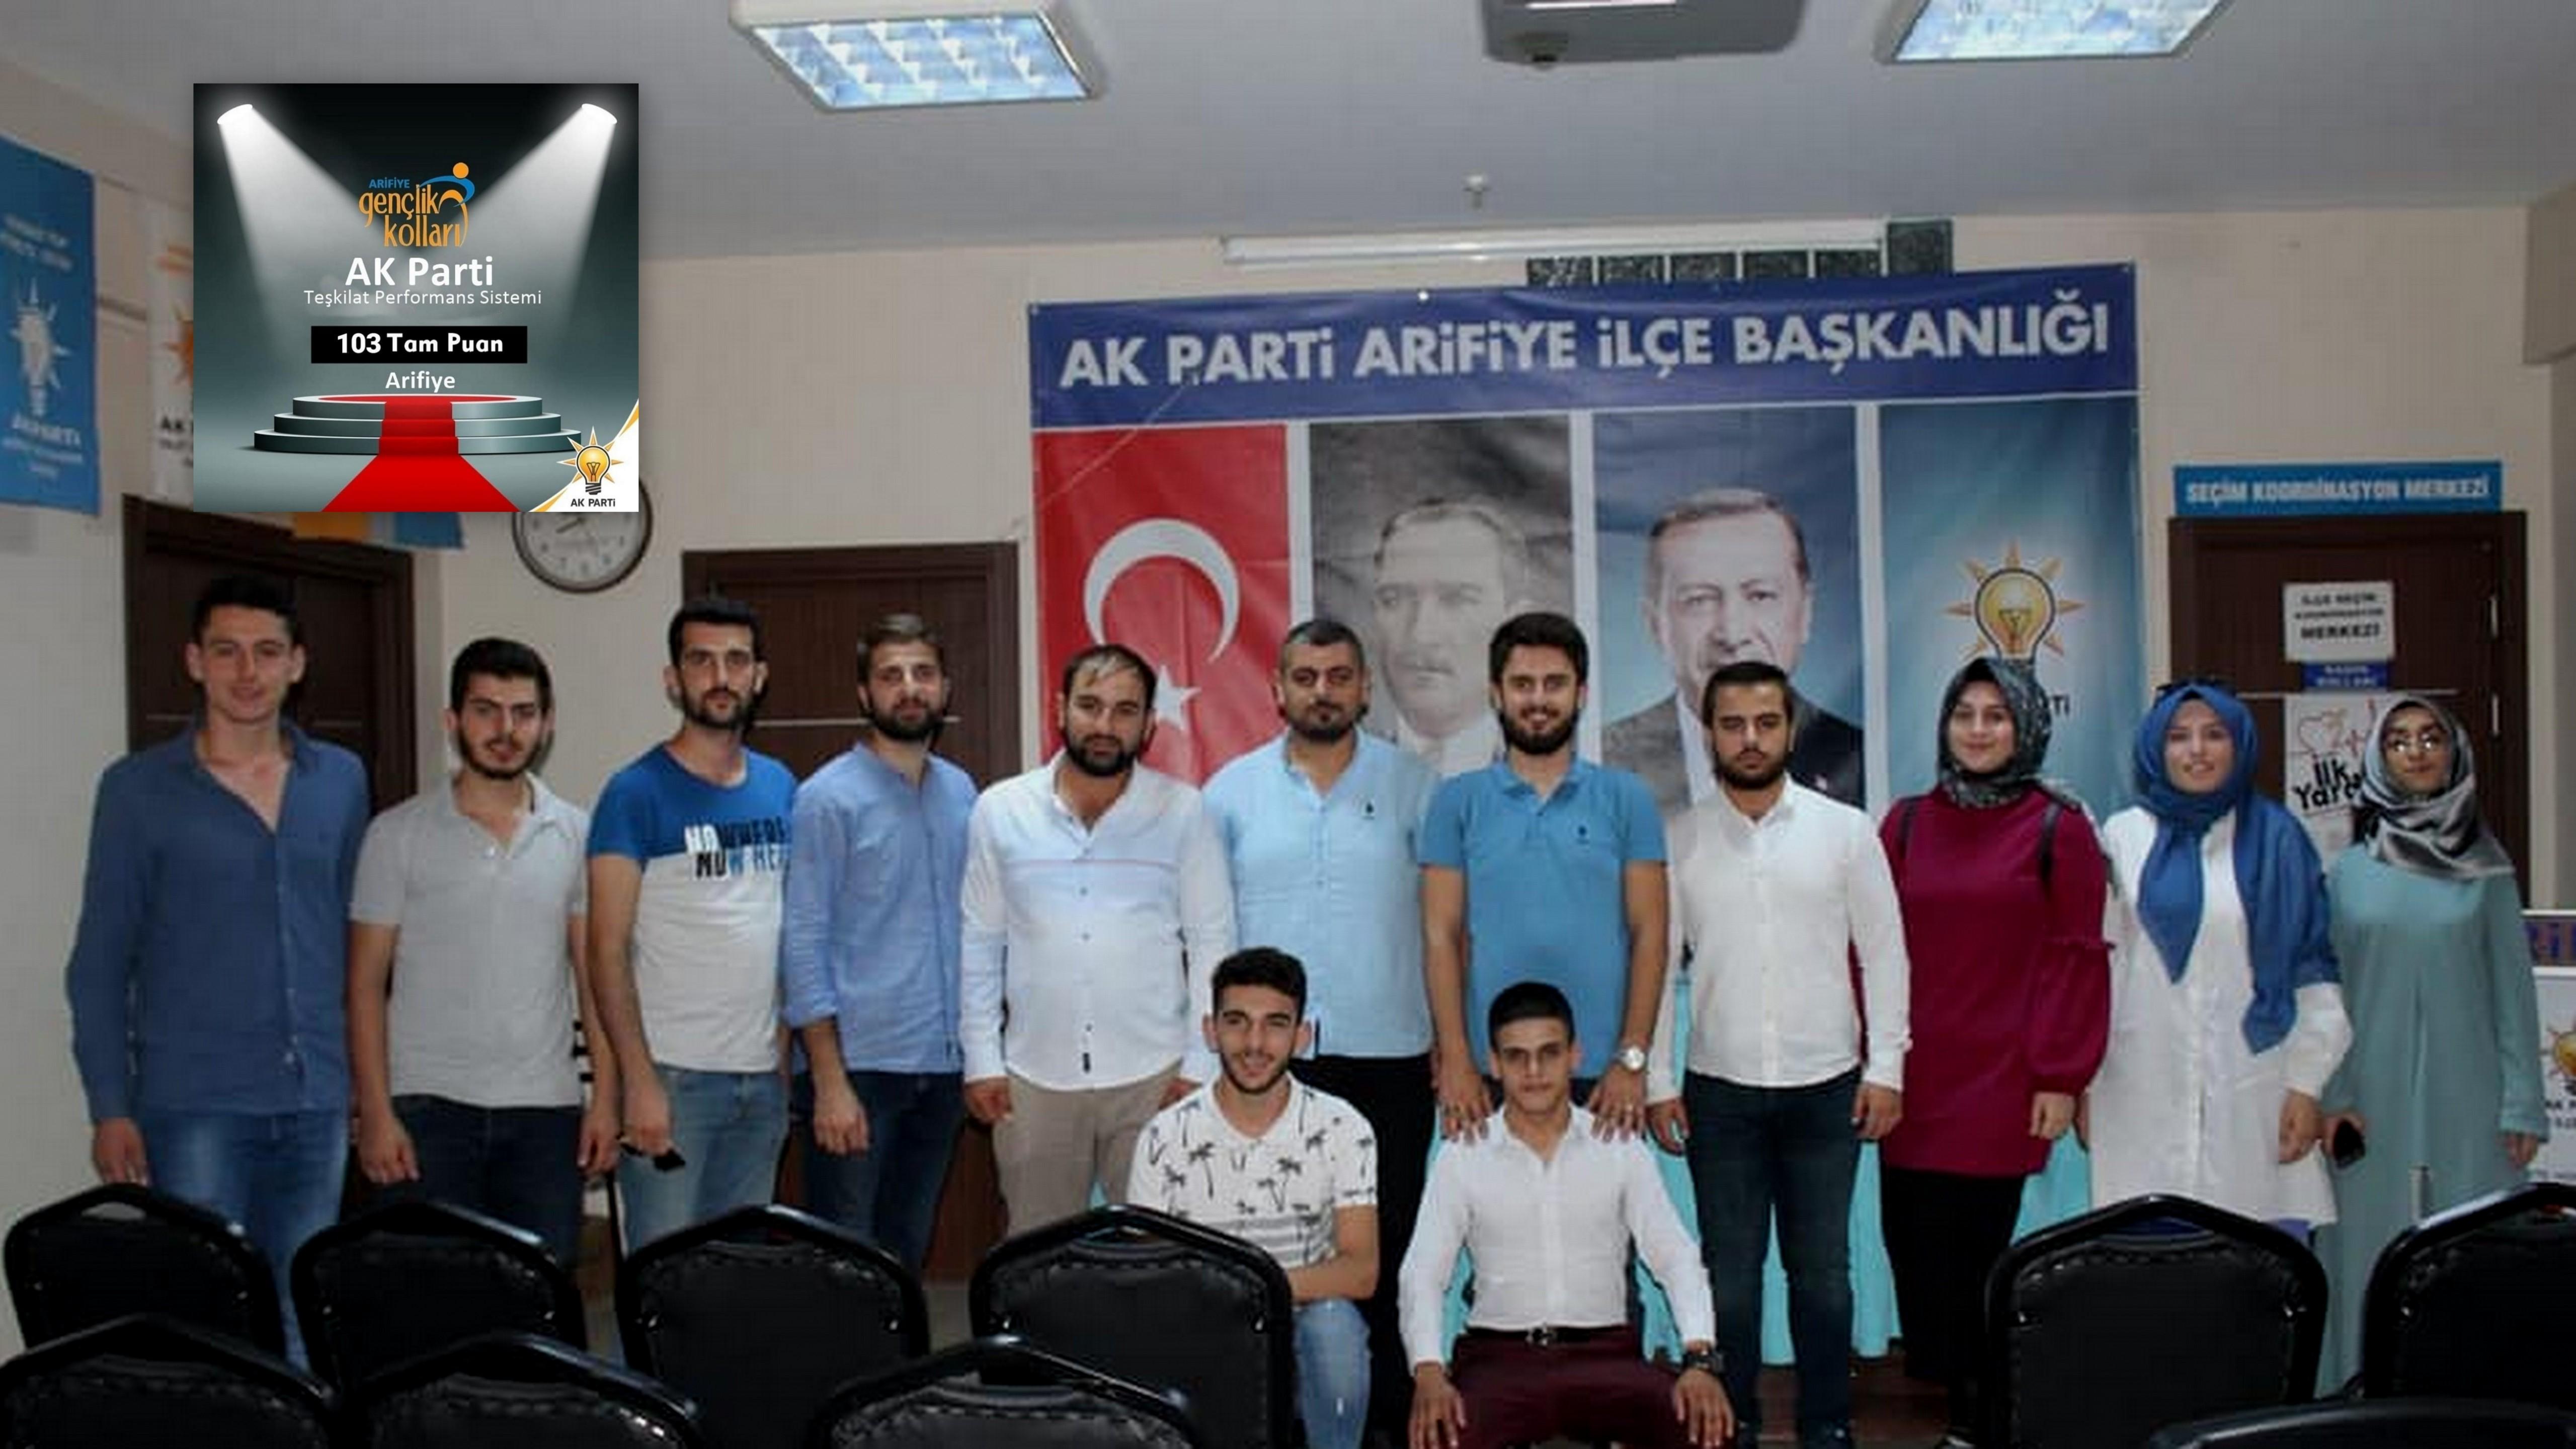 AK Parti Arifiye Gençlik Kolları 103 Tam Puan aldı.